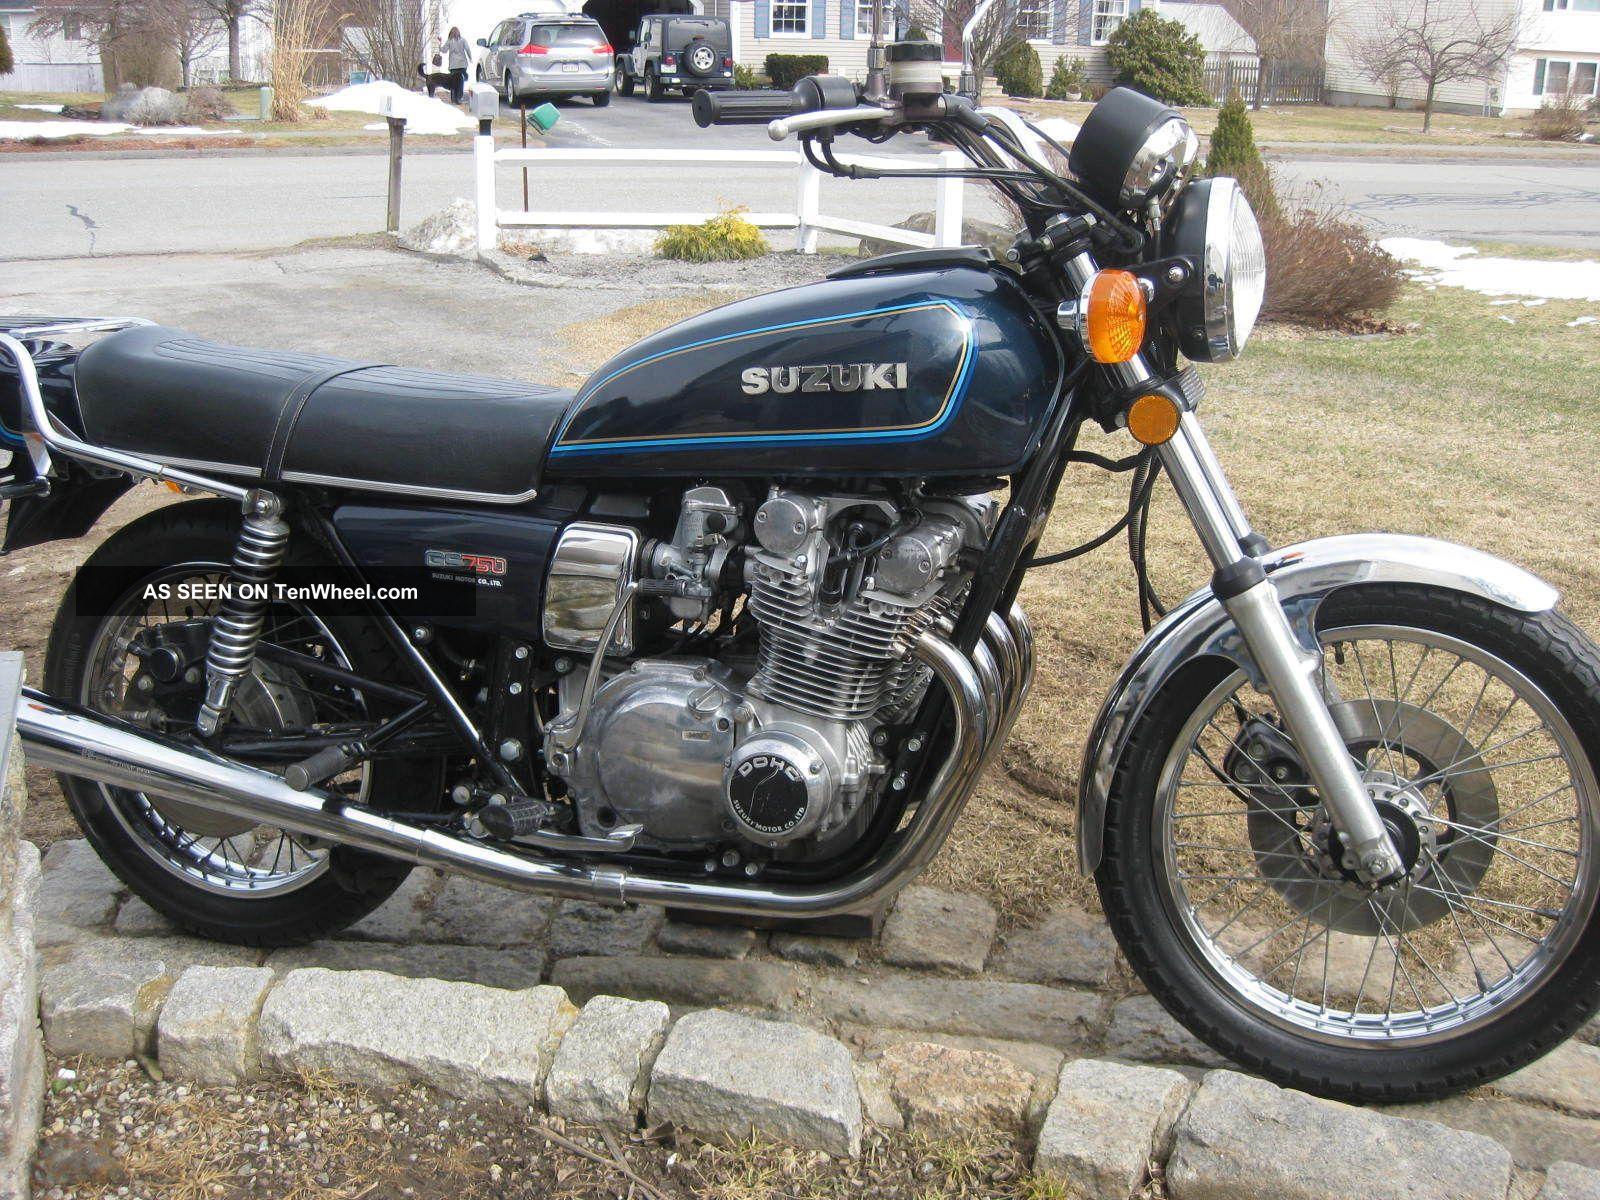 Suzuki Gs Gs Gs Ec Gs E Gs Vintage All Lgw on Wiring Diagram For 1978 Suzuki Gs 750